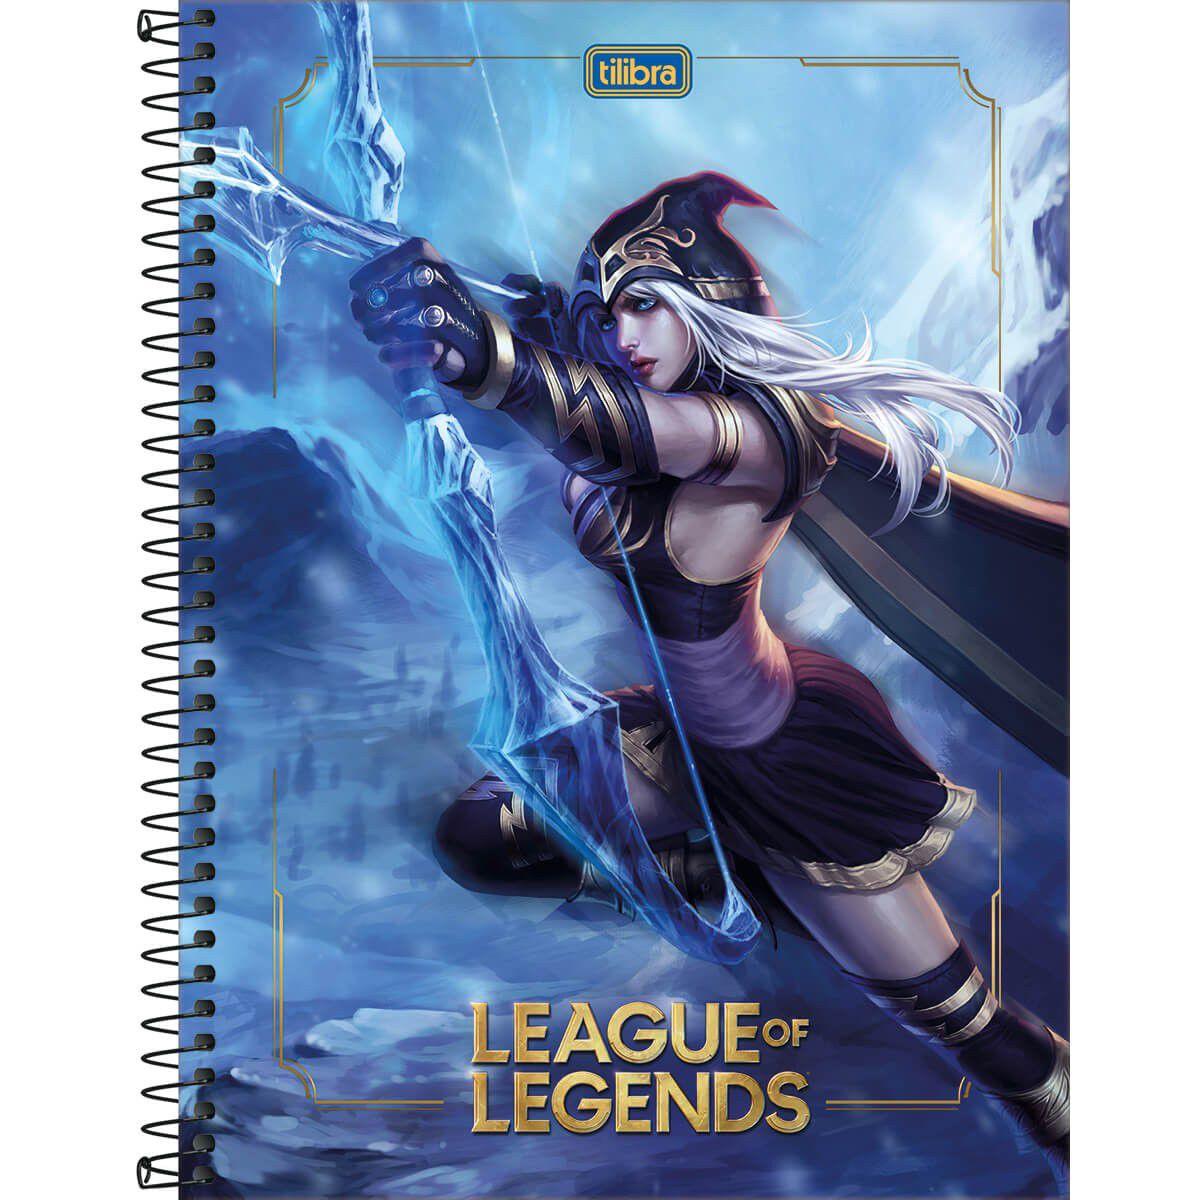 Caderno Tilibra Capa Dura Universitário League Of Legends 1M 80 Fls 309460 28194